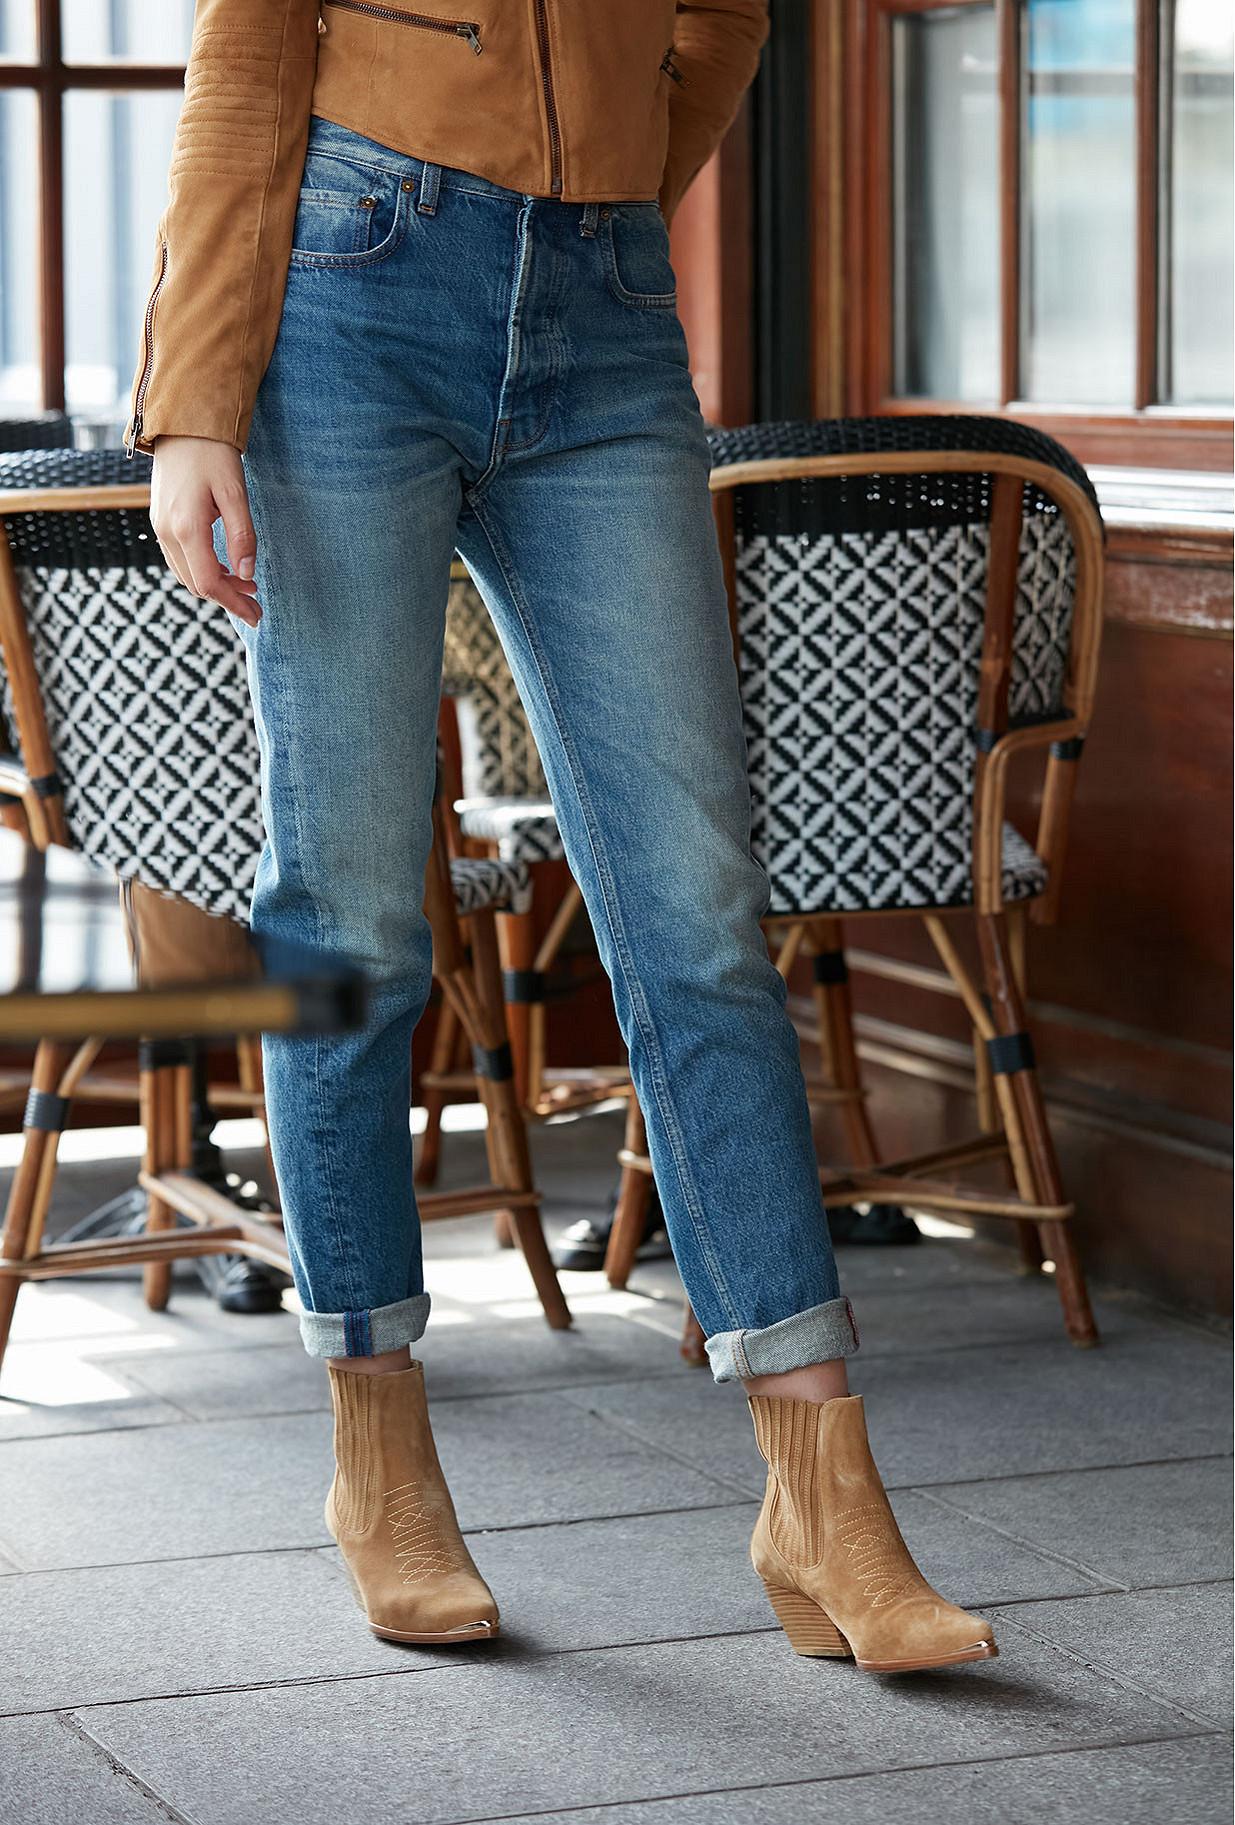 denim Jeans Misfits Mes Demoiselles Paris